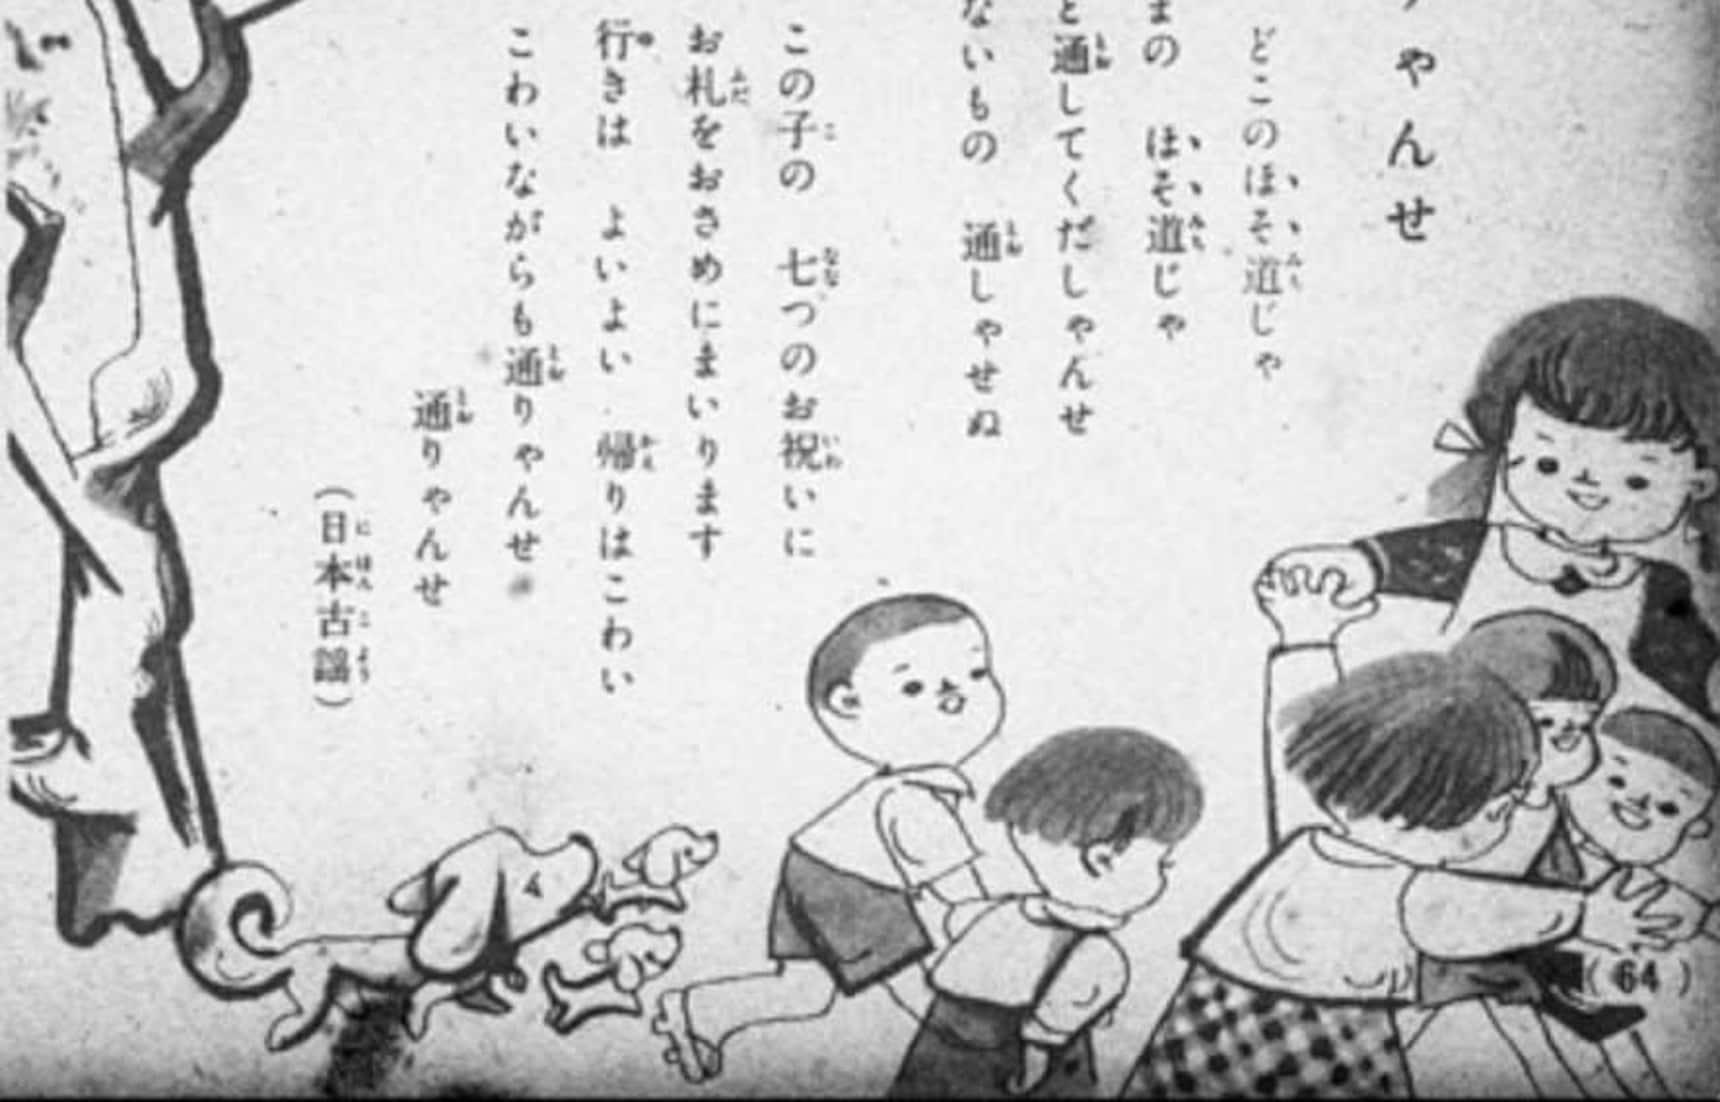 5 Creepy Japanese Children's Songs